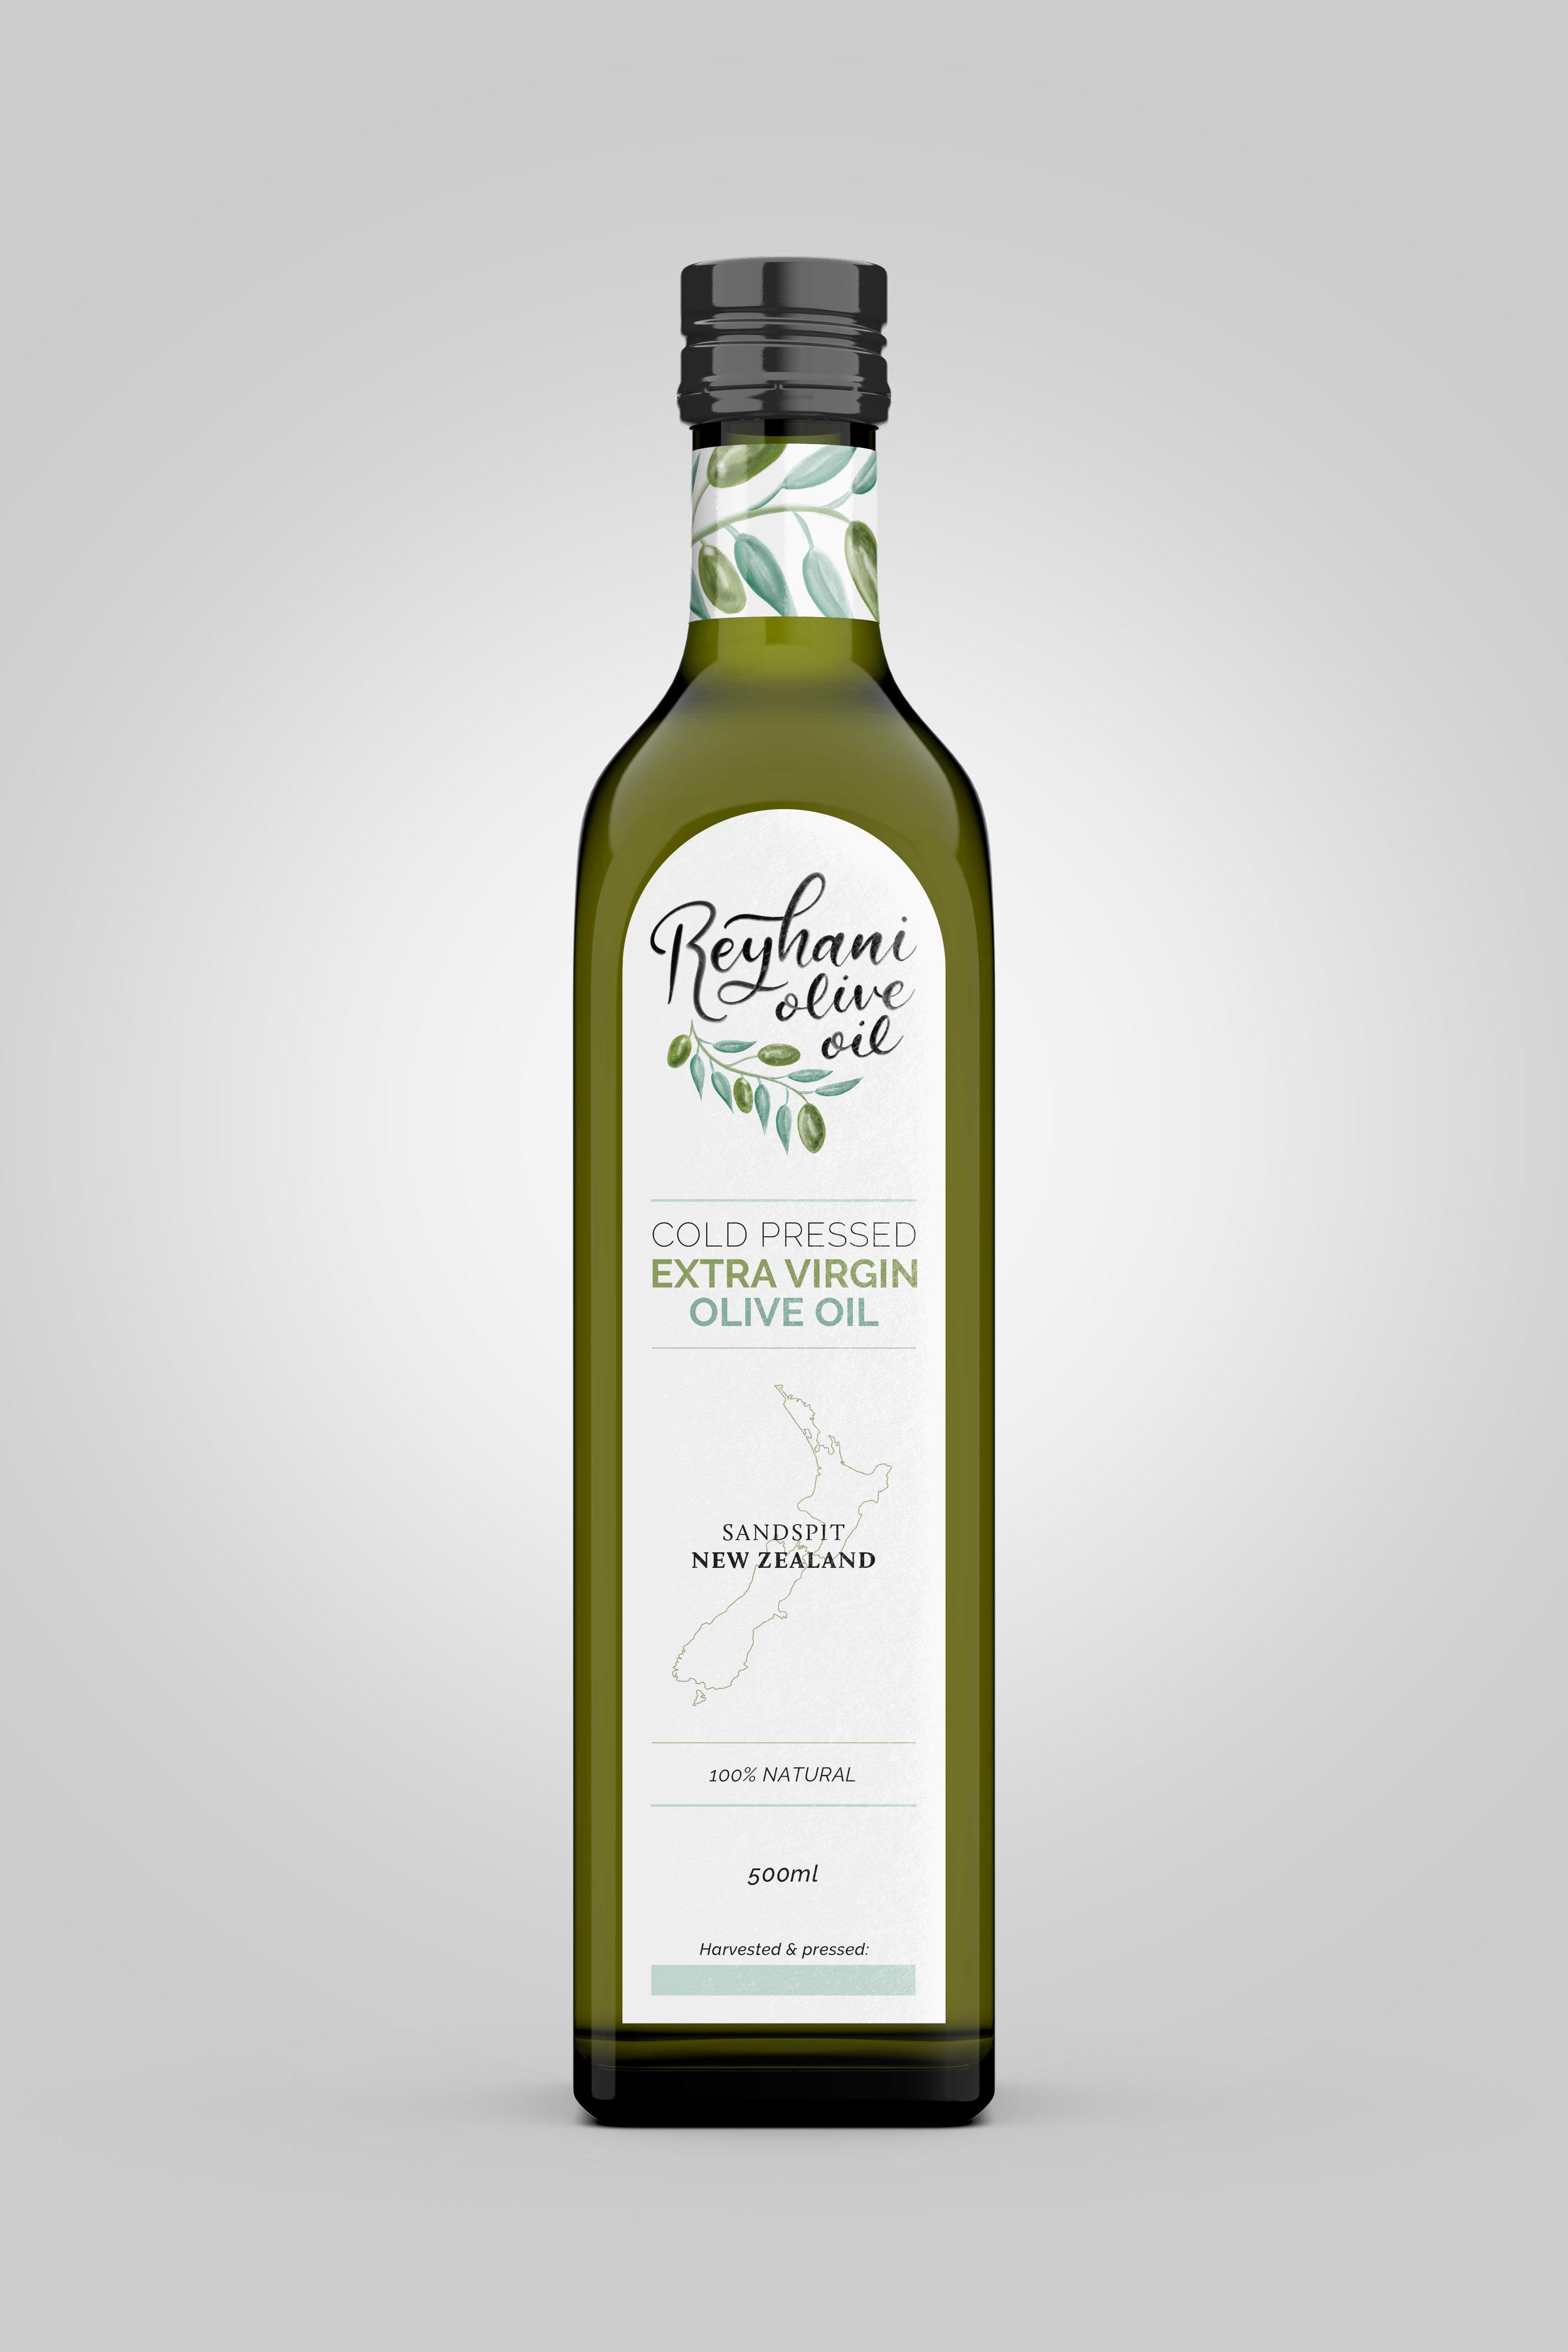 Full view of 500ml olive oil bottle